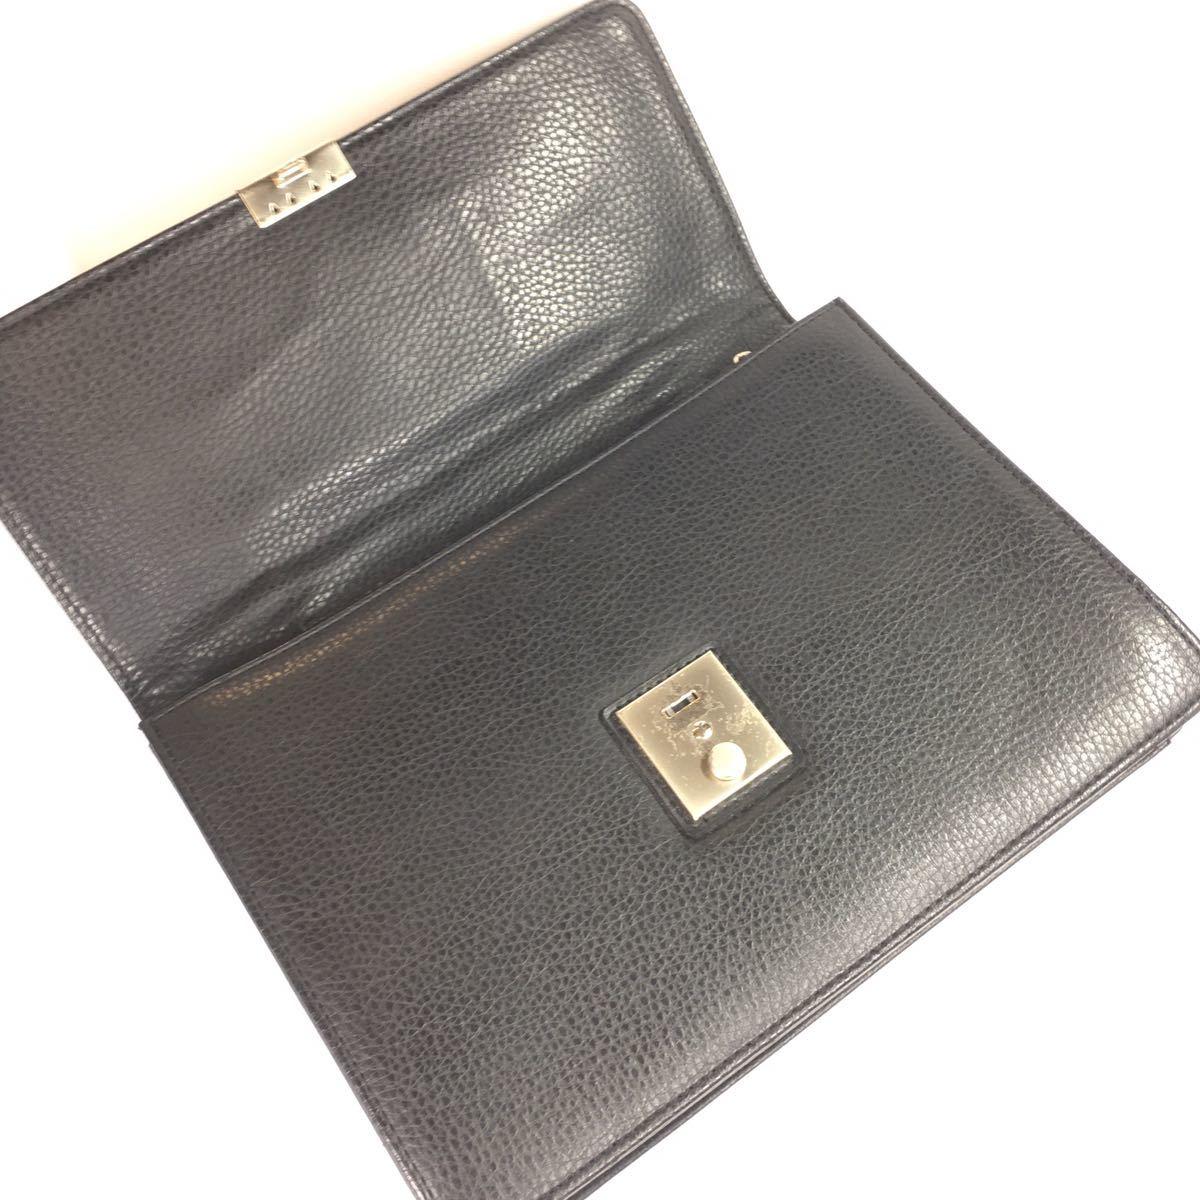 【レノマ】本物 renoma セカンドバッグ 黒 ミニビジネスバッグ 持ち手有り 男性用 メンズ_画像5